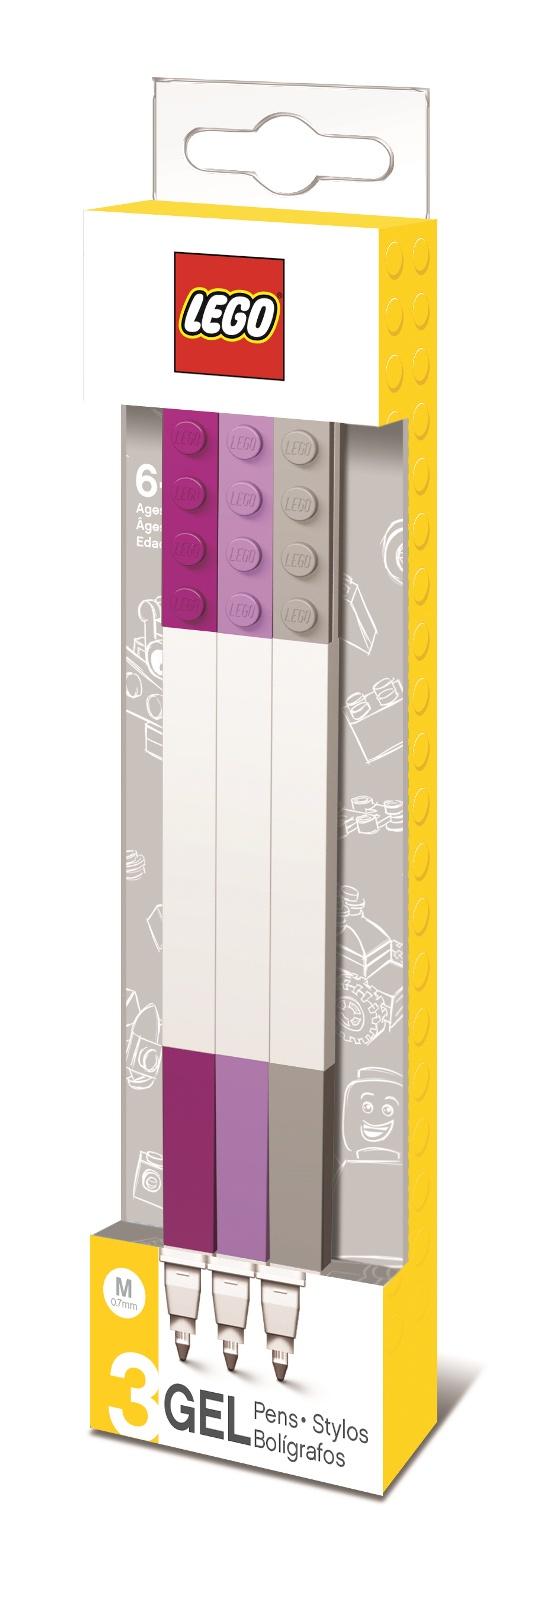 Набор цветных гелевых ручек Lego, цвет: бордовый, лиловый, серый, 3 шт набор гелевых ручек action алиса 3 шт синий 0 5 мм az agp153 3